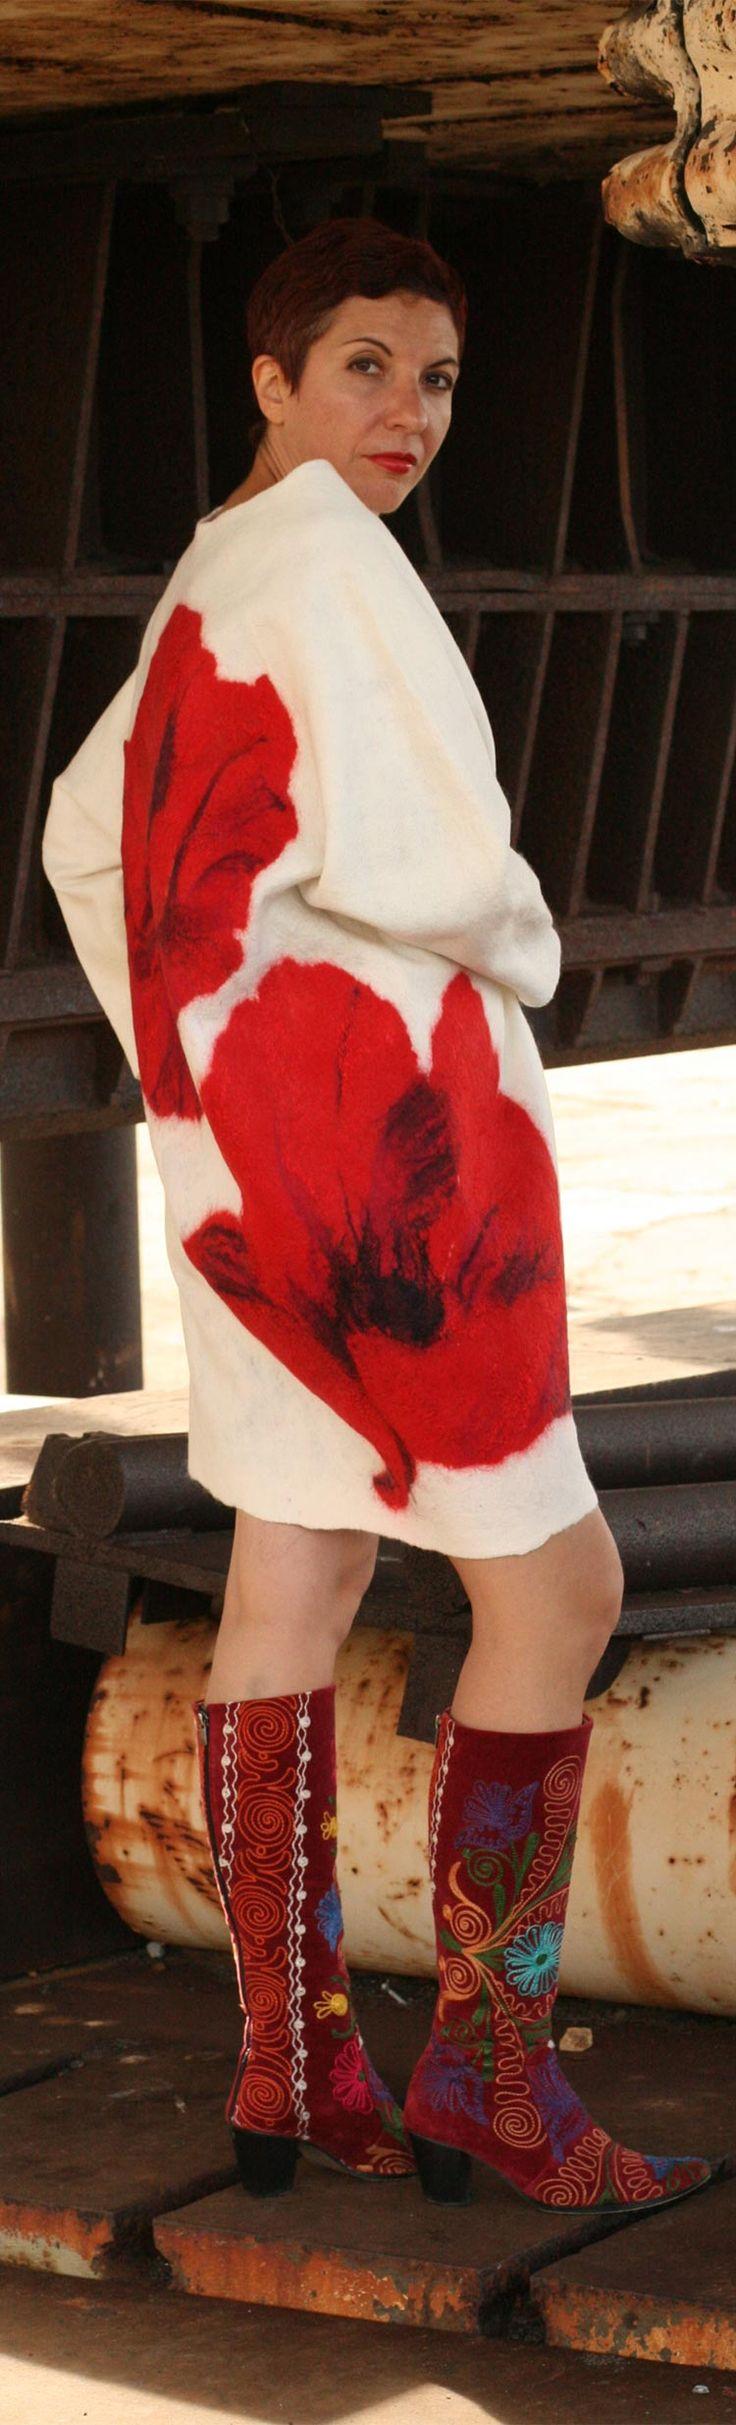 Buy unique felted jacket by Vera Alexanderova. #felted #felt #fashion #coat #jacket #white #unique #women #womensfashion #womenswear #boho #bohochic